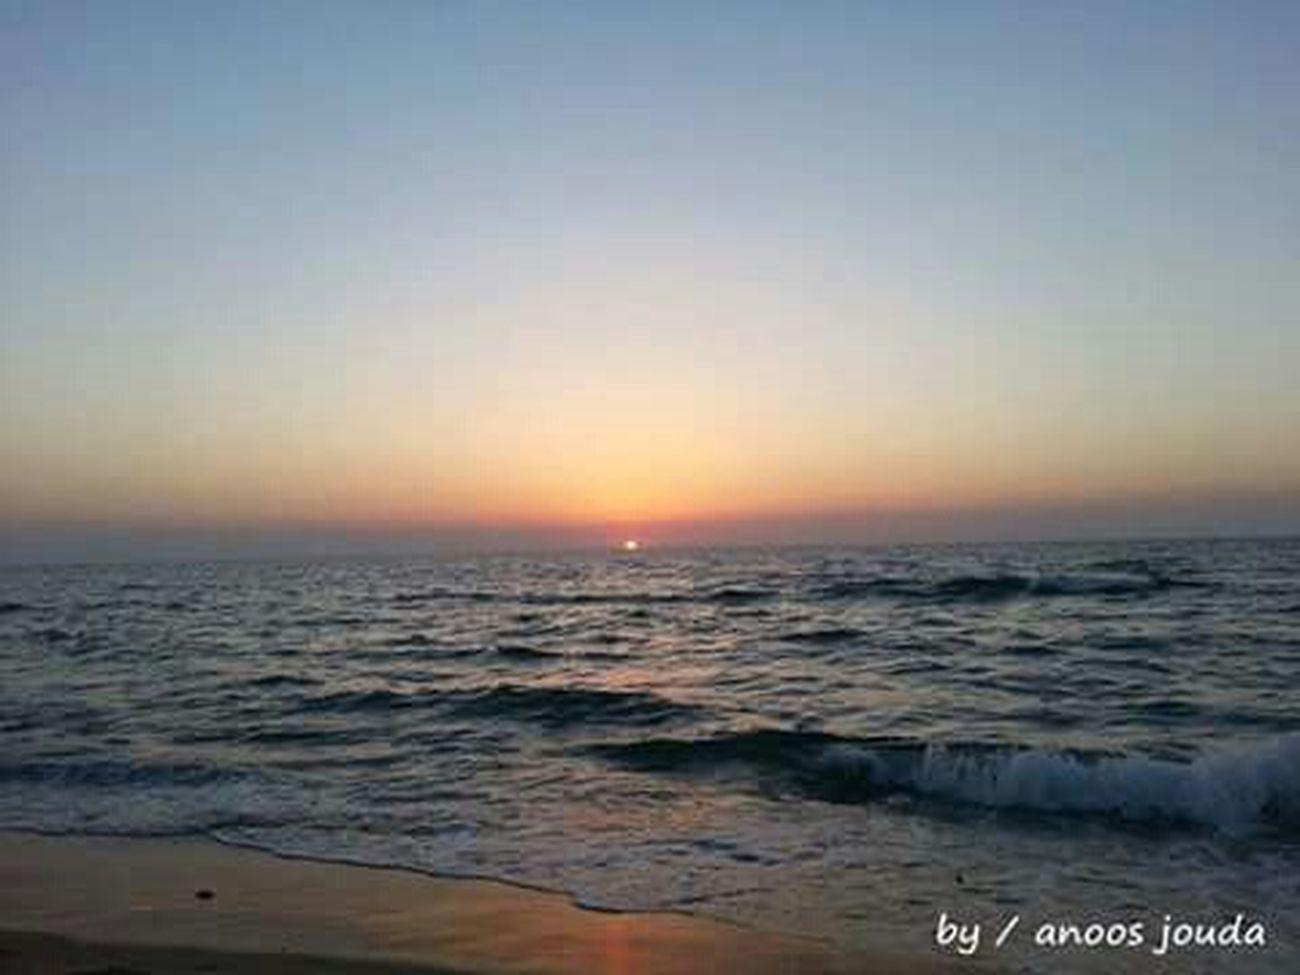 لخظة غروب شمس ☀ في صيدا